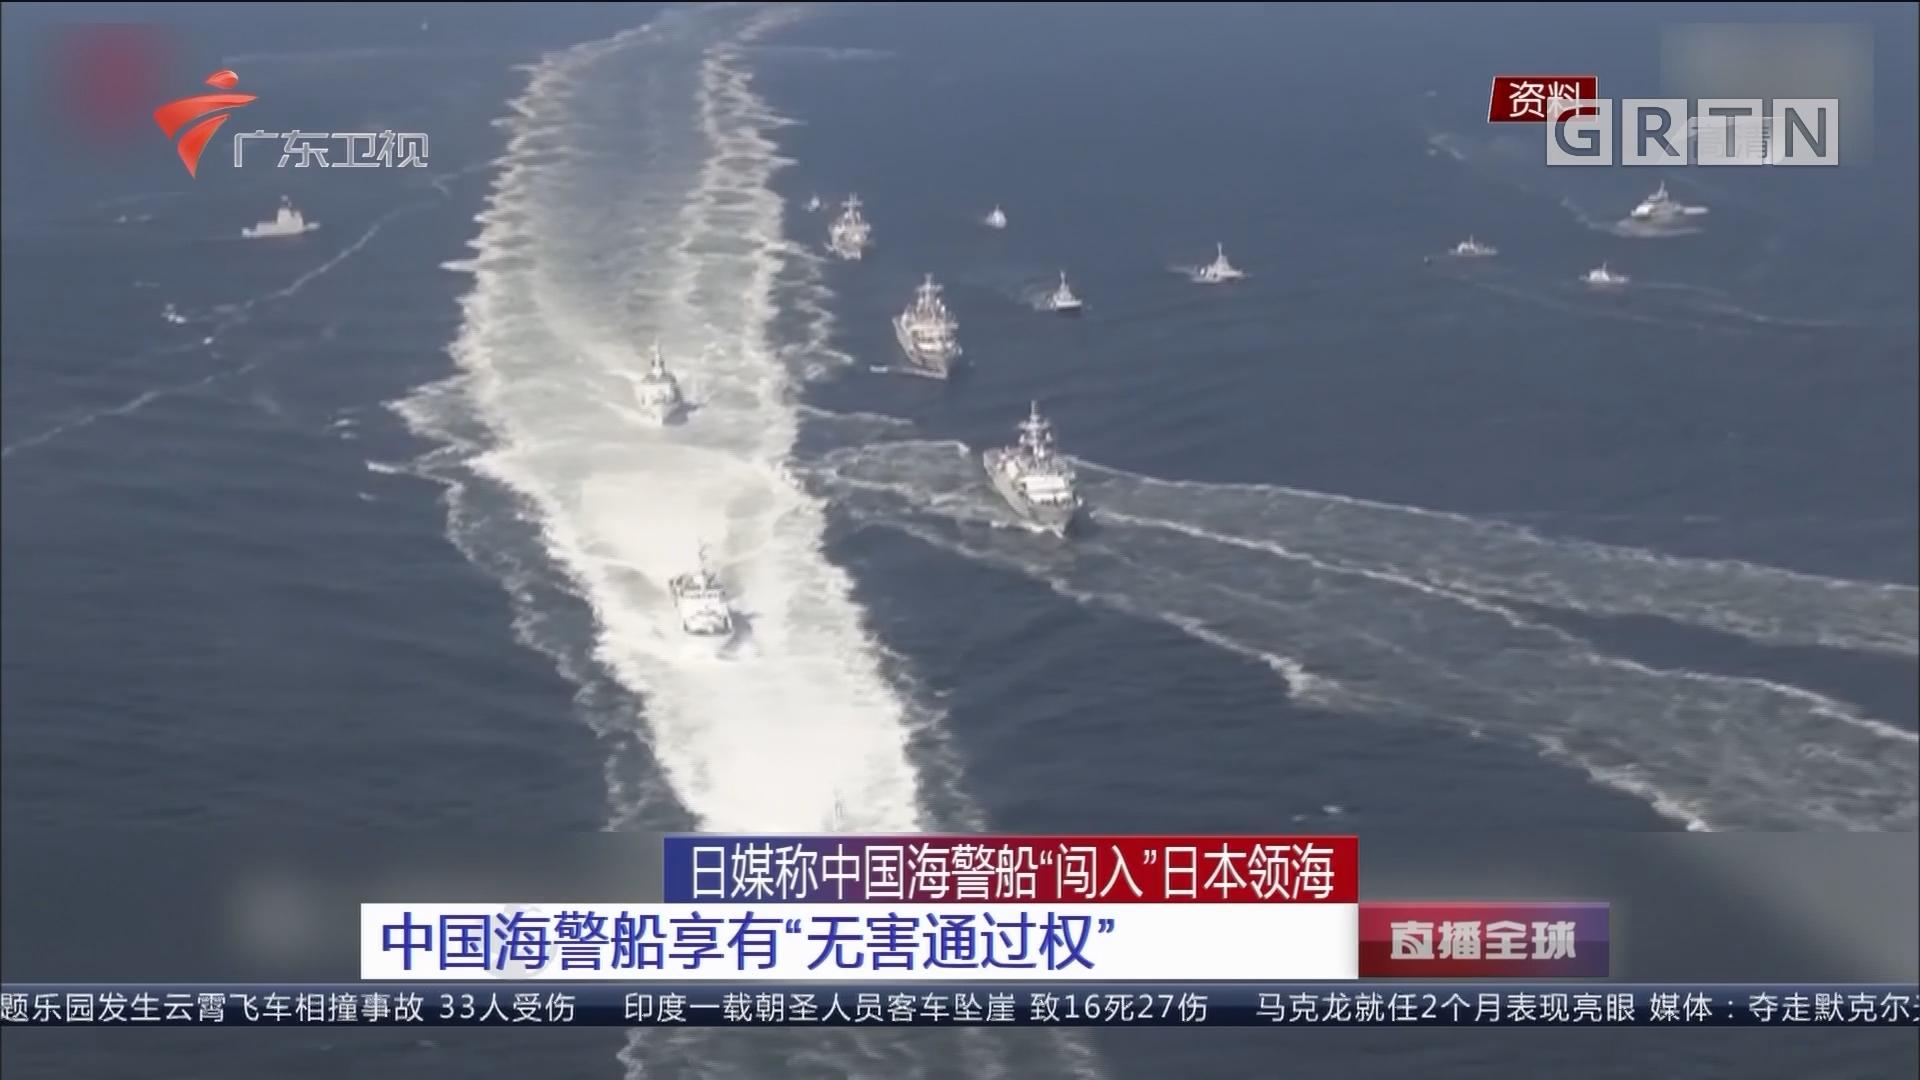 """日媒称中国海警船""""闯入""""日本领海 中国海警船享有""""无害通过权"""""""